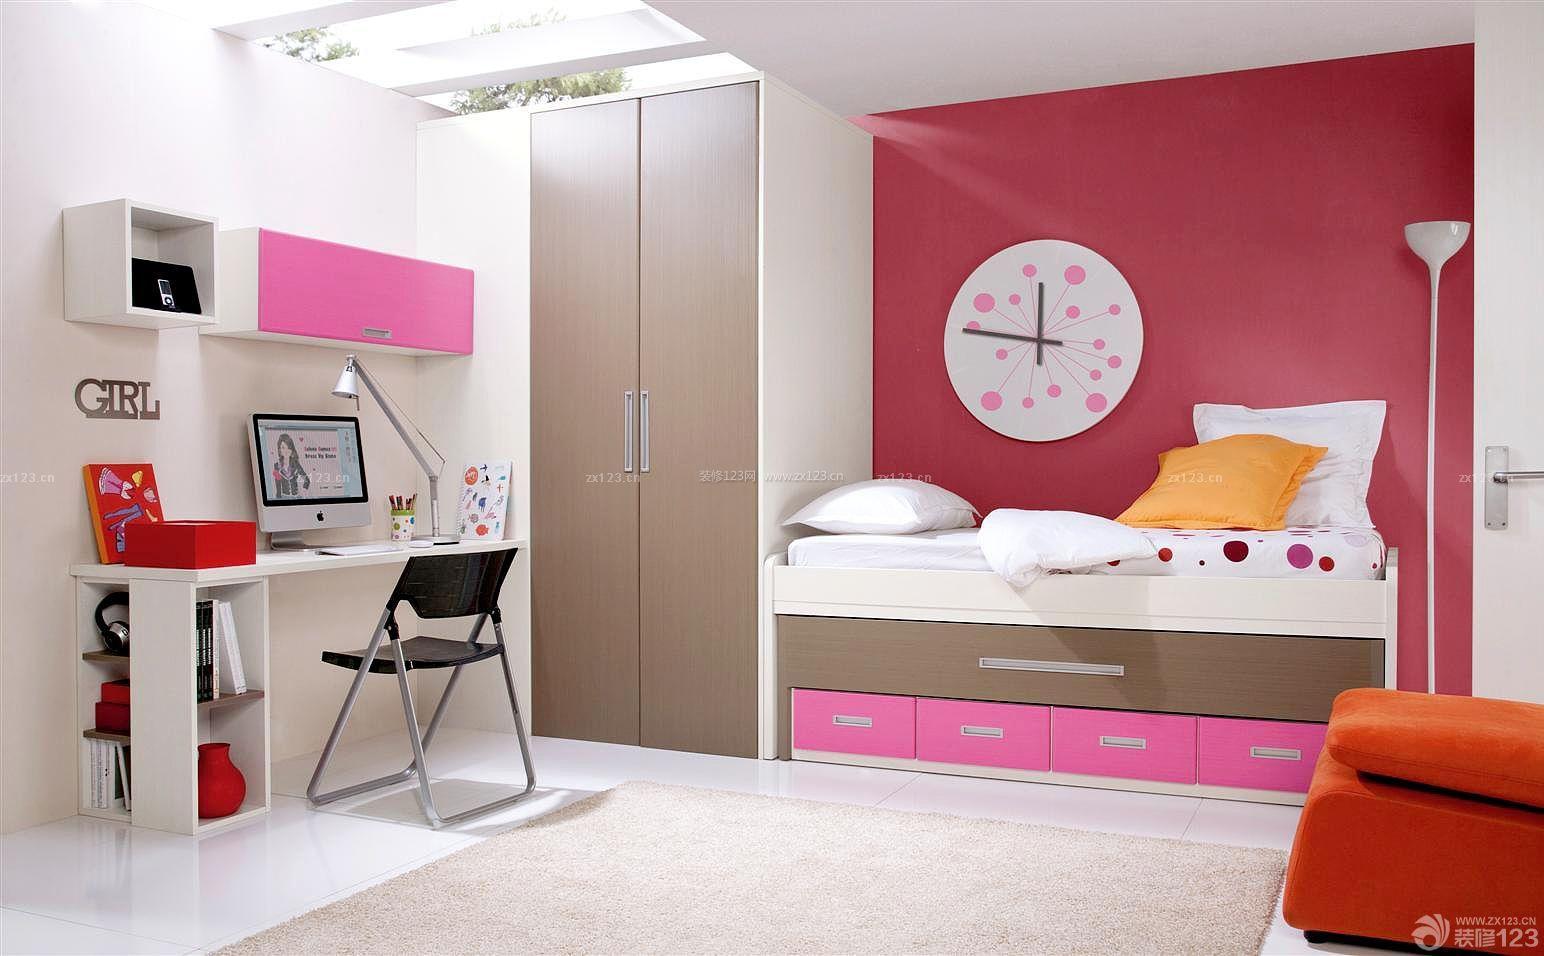 温馨可爱儿童房屋室内装修效果图